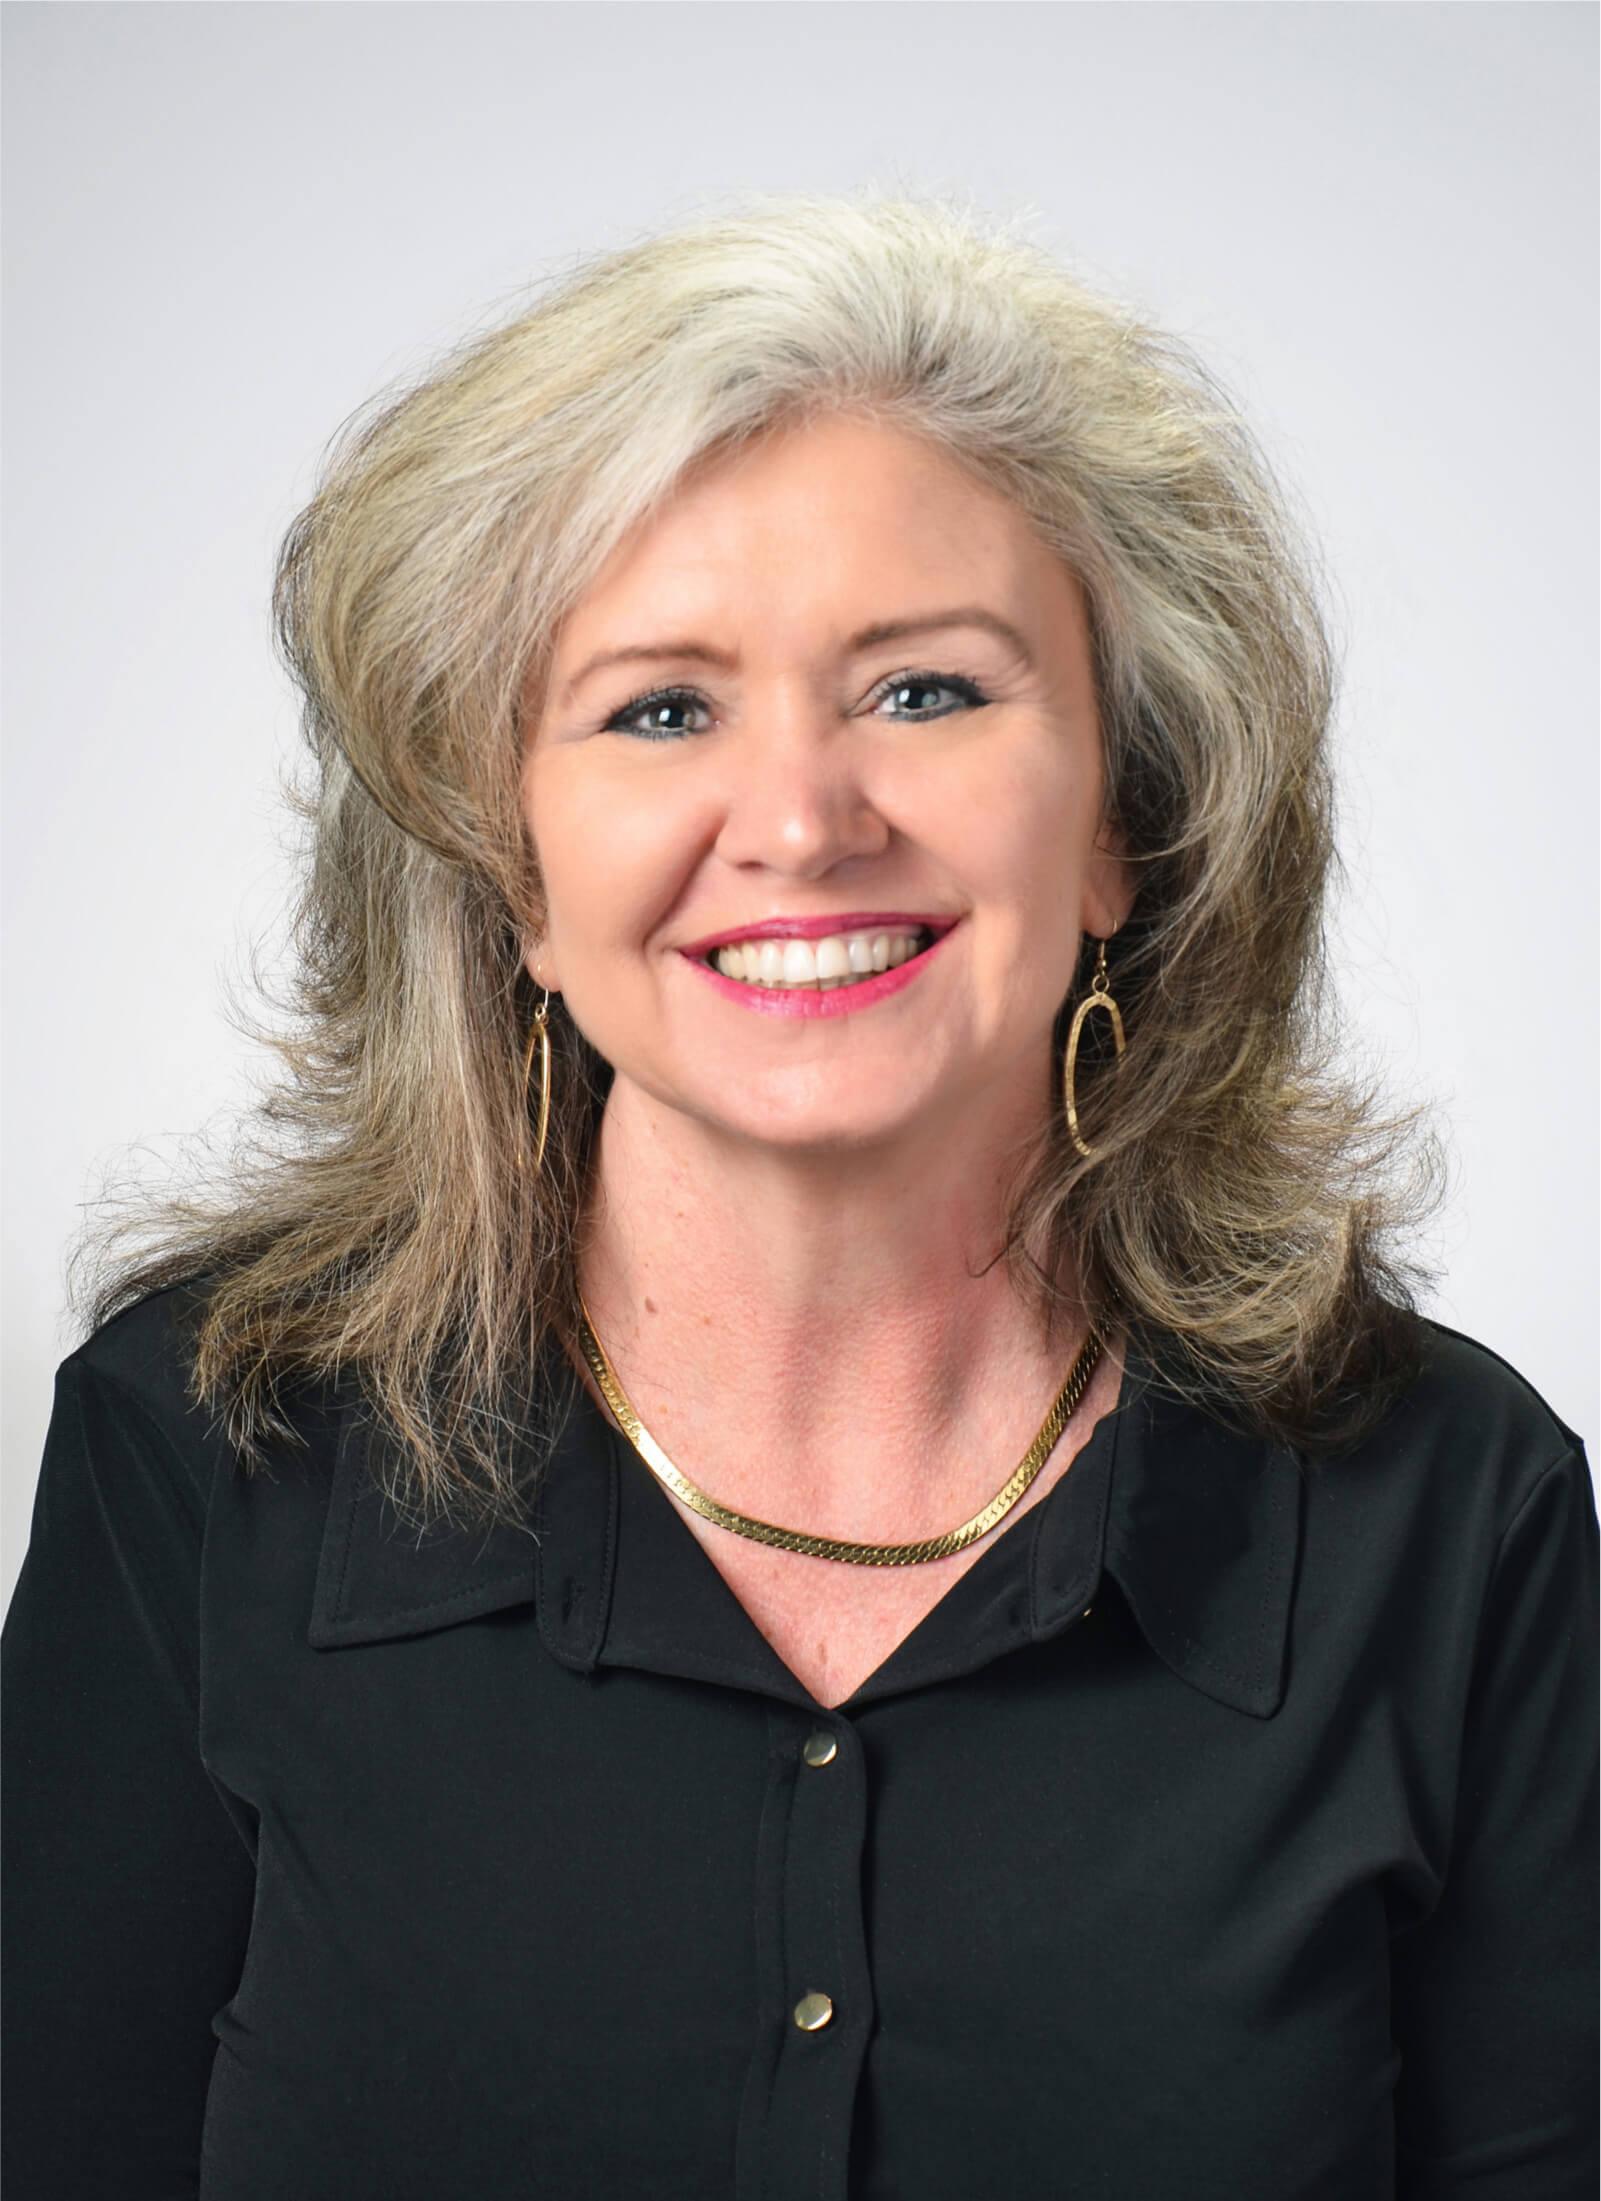 Arlene Gable